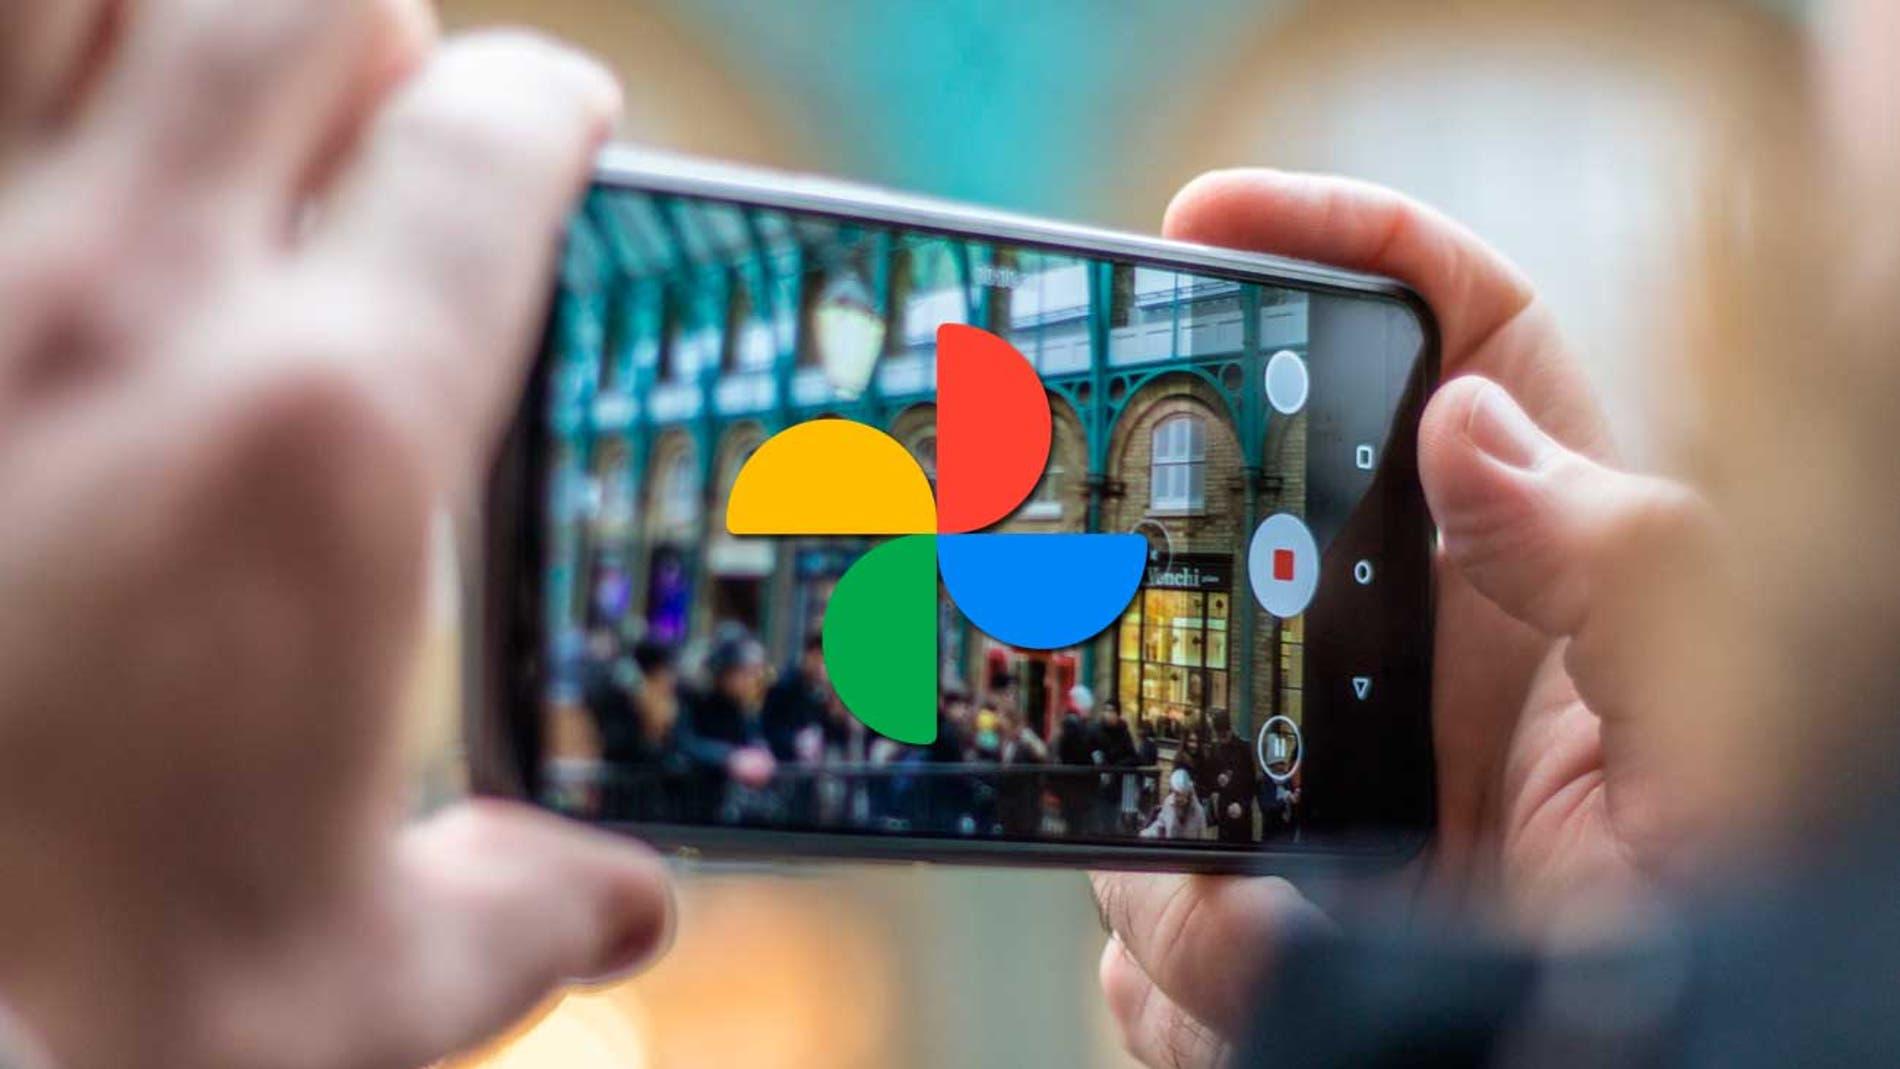 Extrayendo fotogramas con Google Fotos